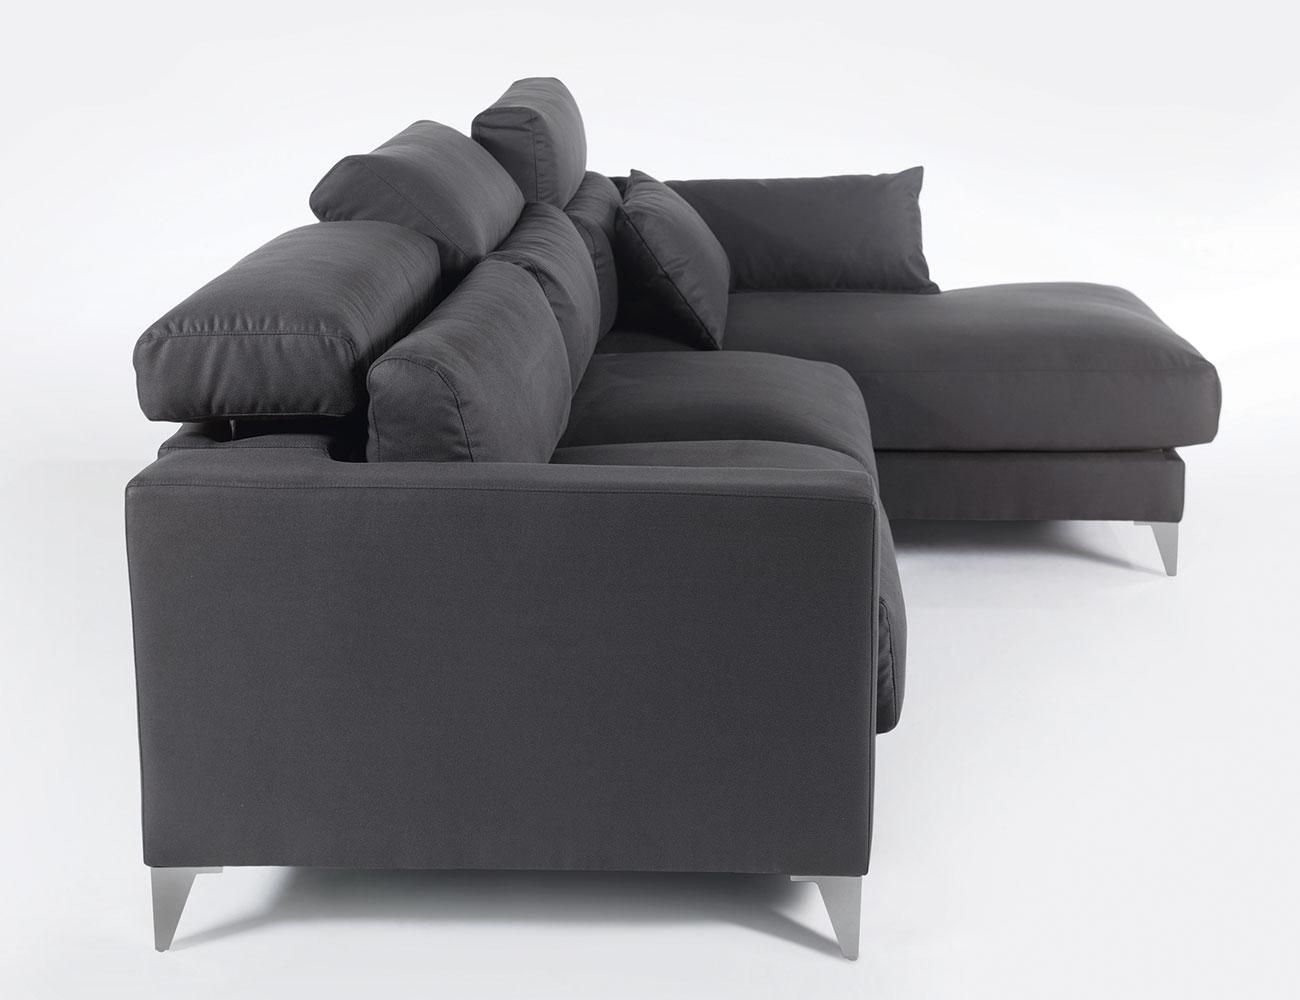 Sofa chaiselongue gran lujo decorativo grafito 13